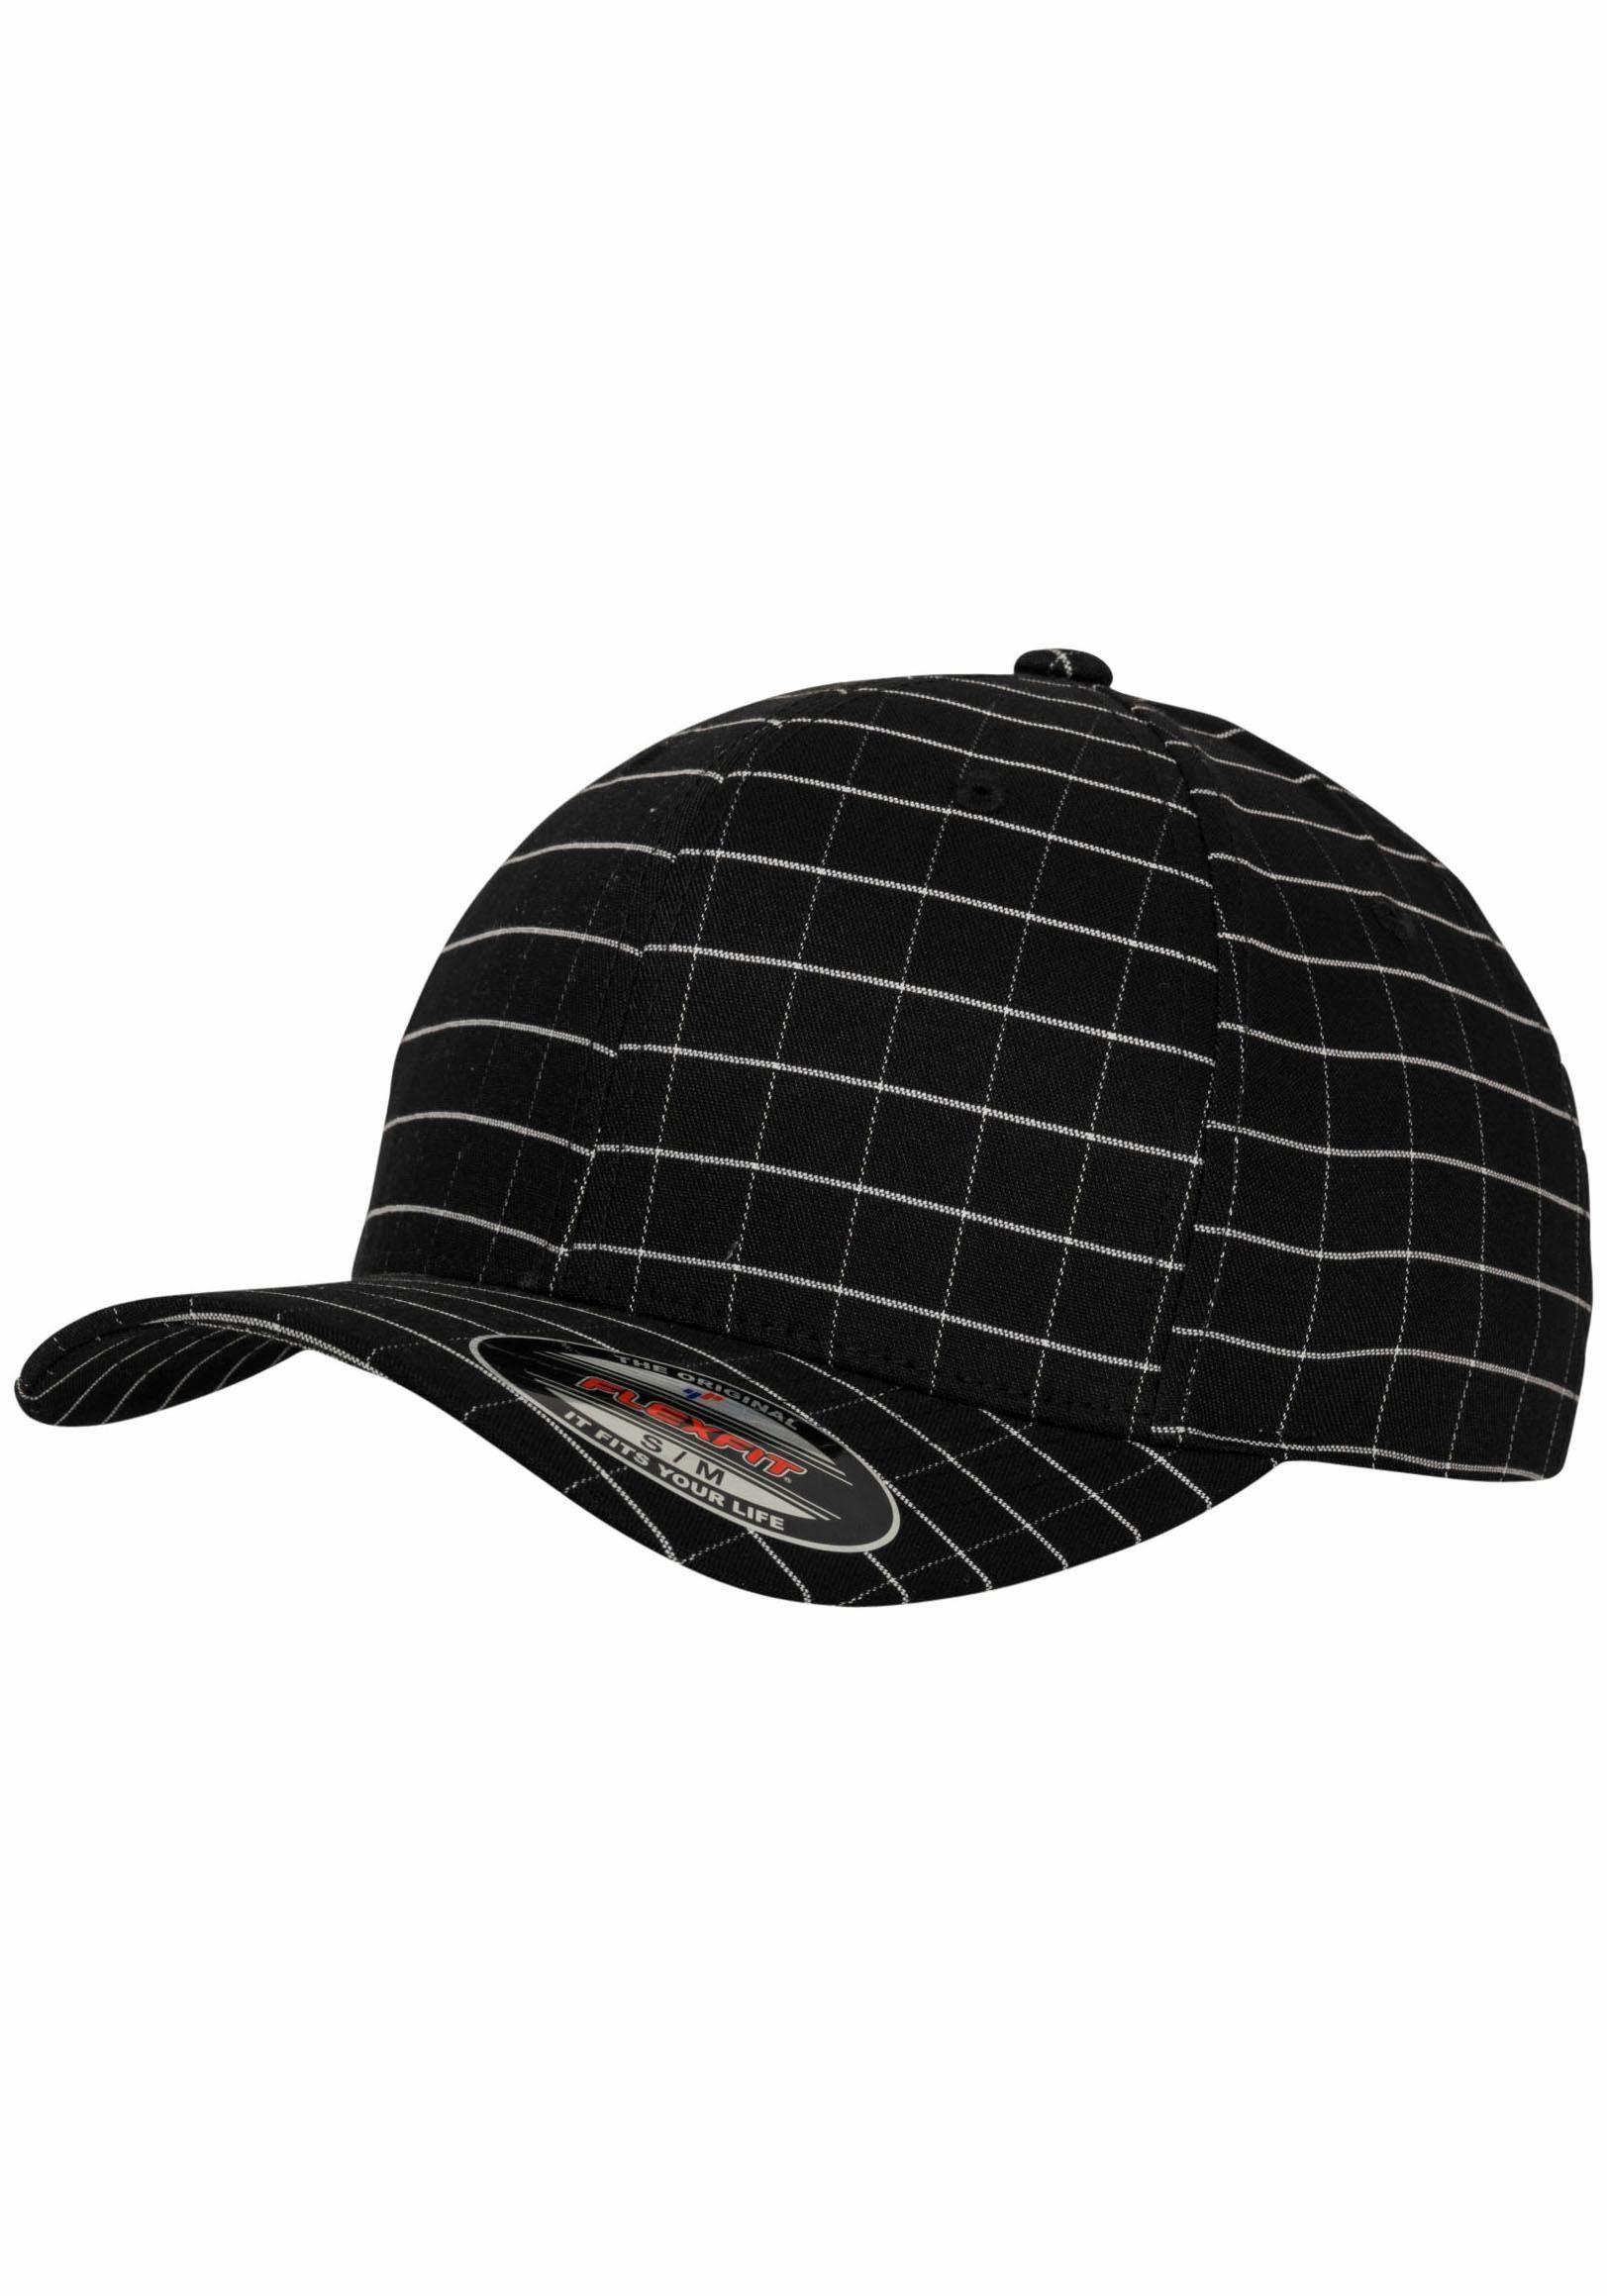 Flexfit Baseball Cap, Square Check Cap